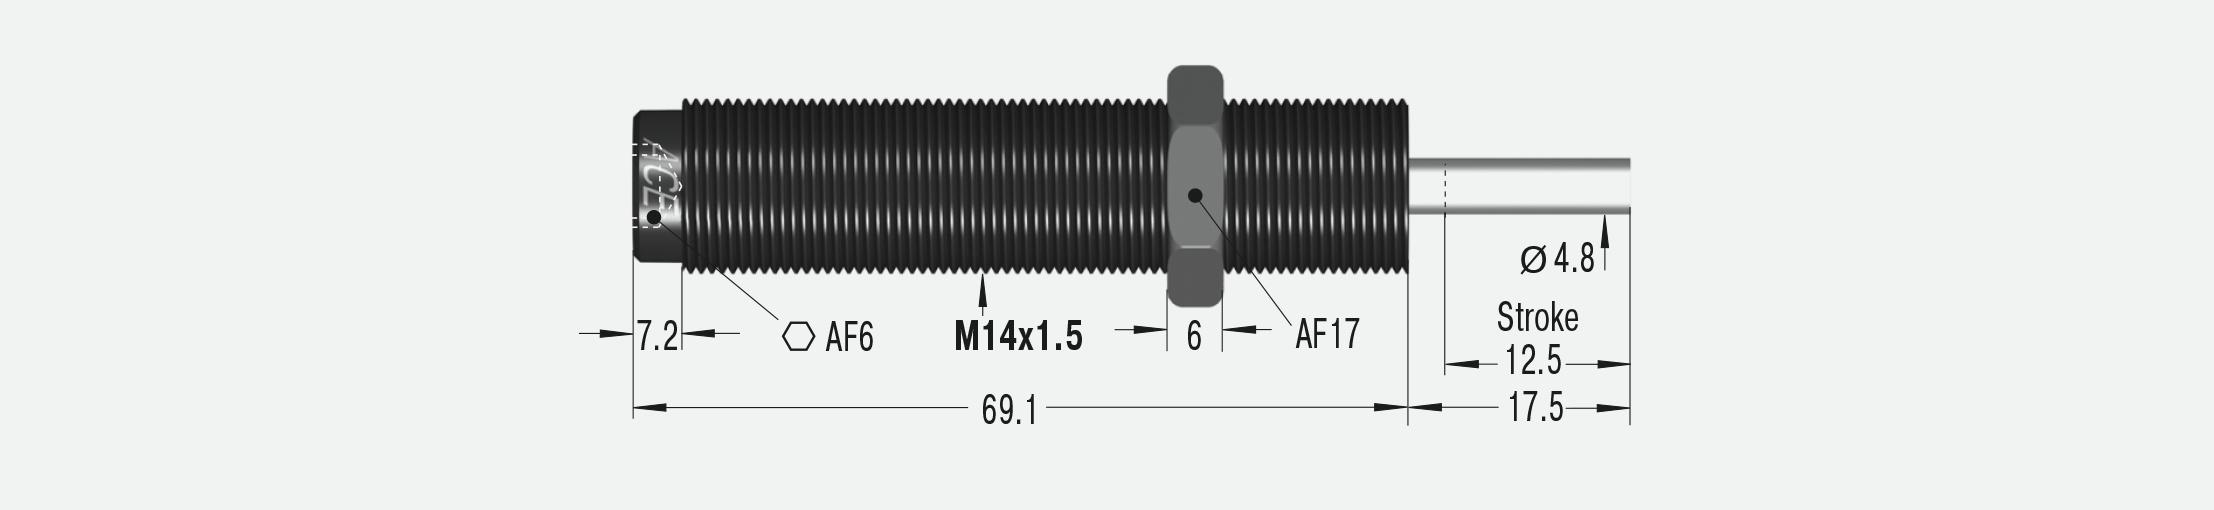 MC150EUMH3